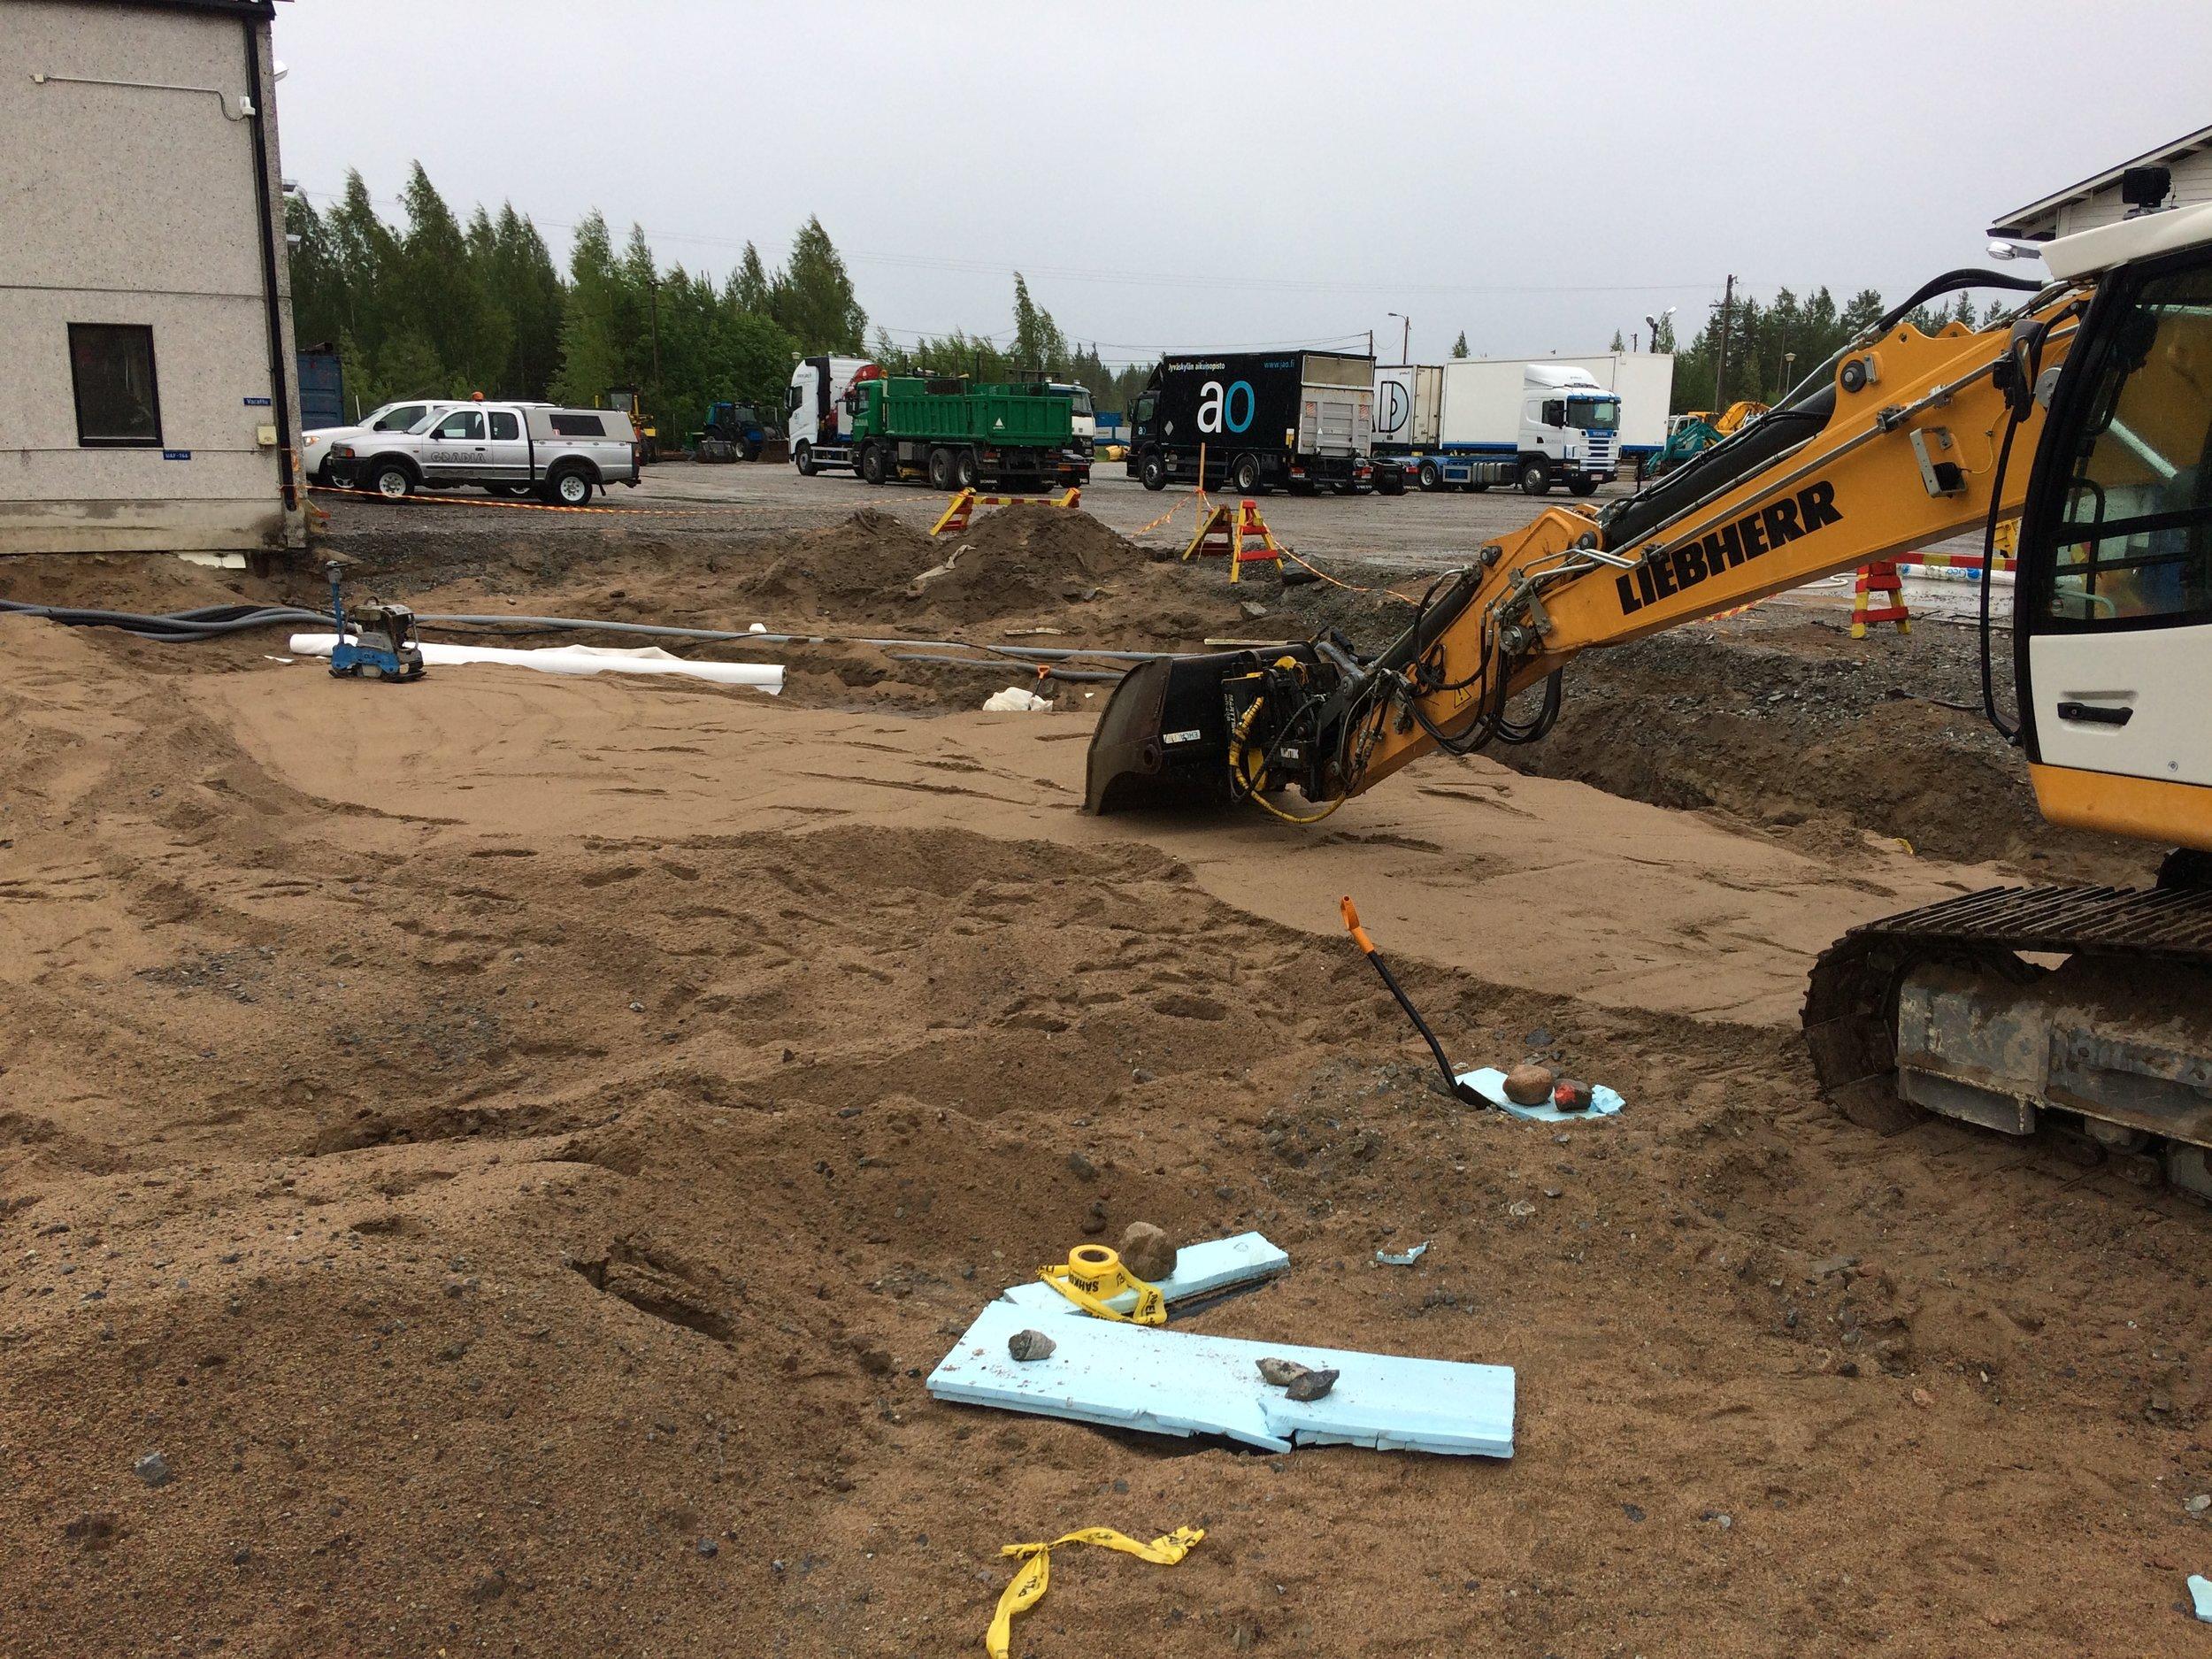 Kaivinkoneen puikoissa pääsi kokeilemaan oikeaa maanrakennusta; tehtävänä oli tasoitella parkkialueen alushiekka tärytintä varten